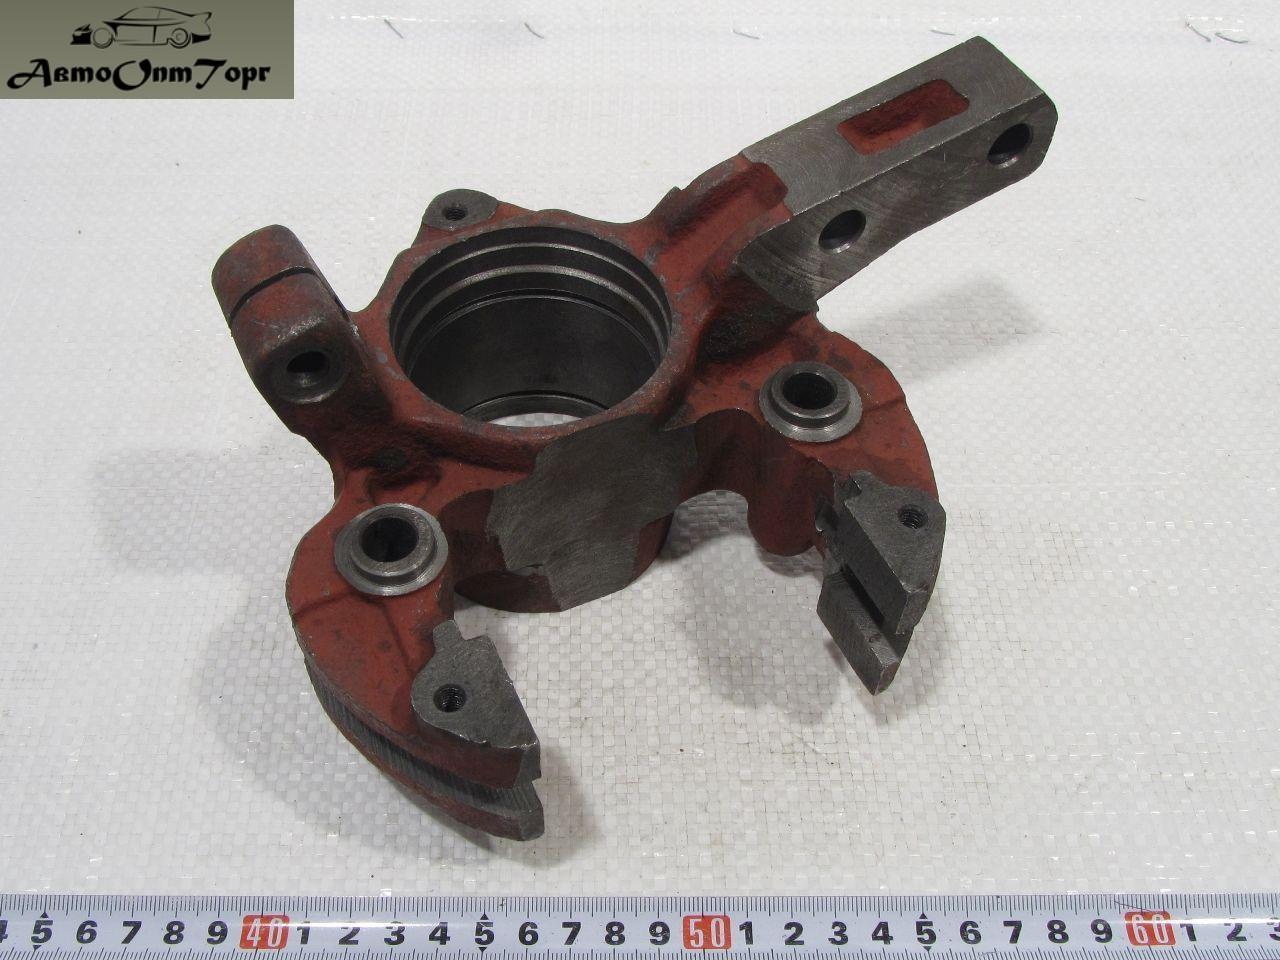 Кулак поворотный правый ЗАЗ Таврия 1102, Славута, Дана,1103, 1105 кат. код 1102-2304014-10, производитель: